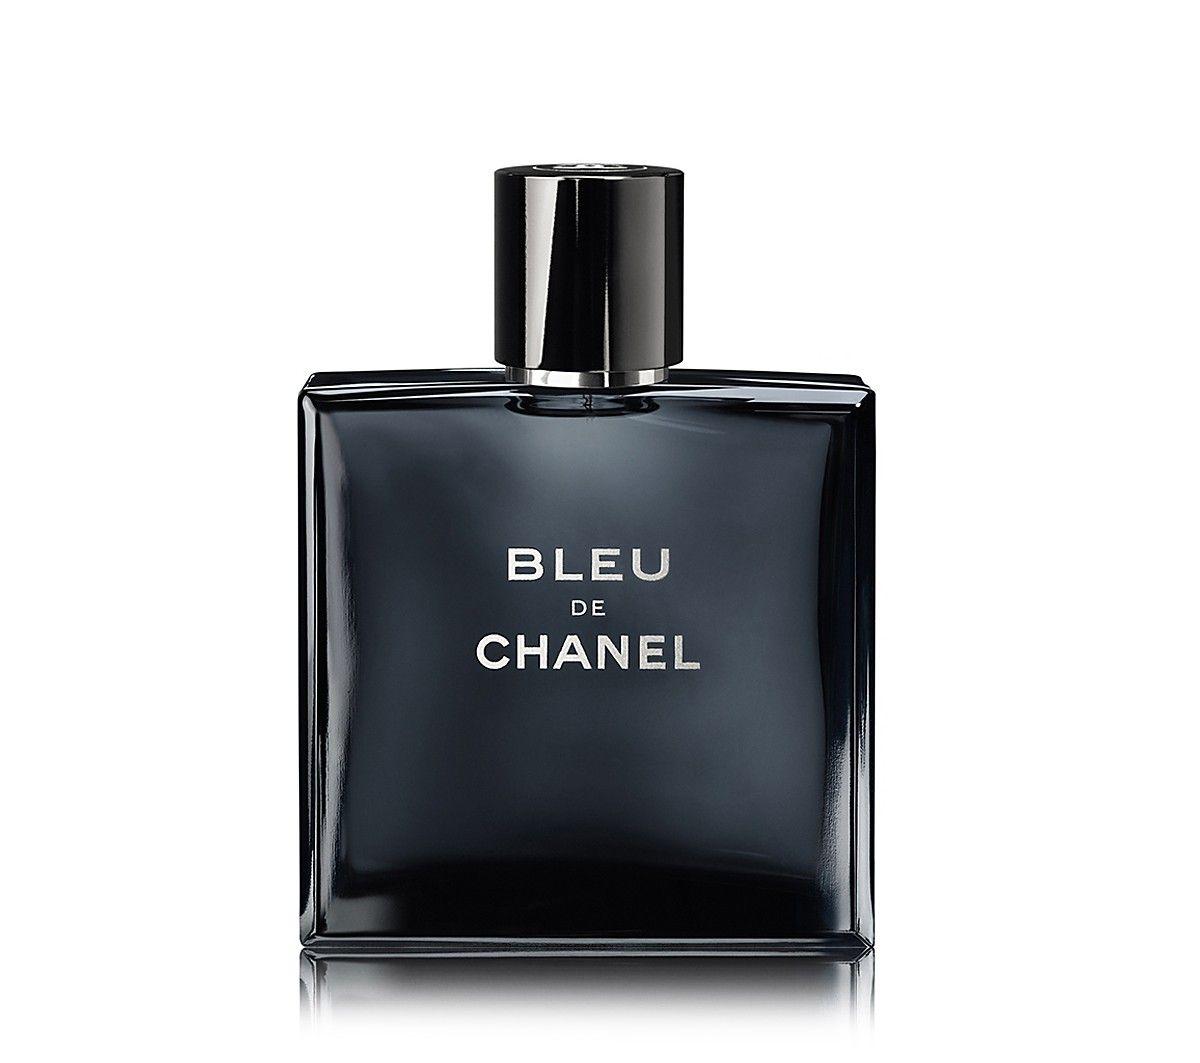 Bleu de Chanel, parfum pour homme new favourite men's